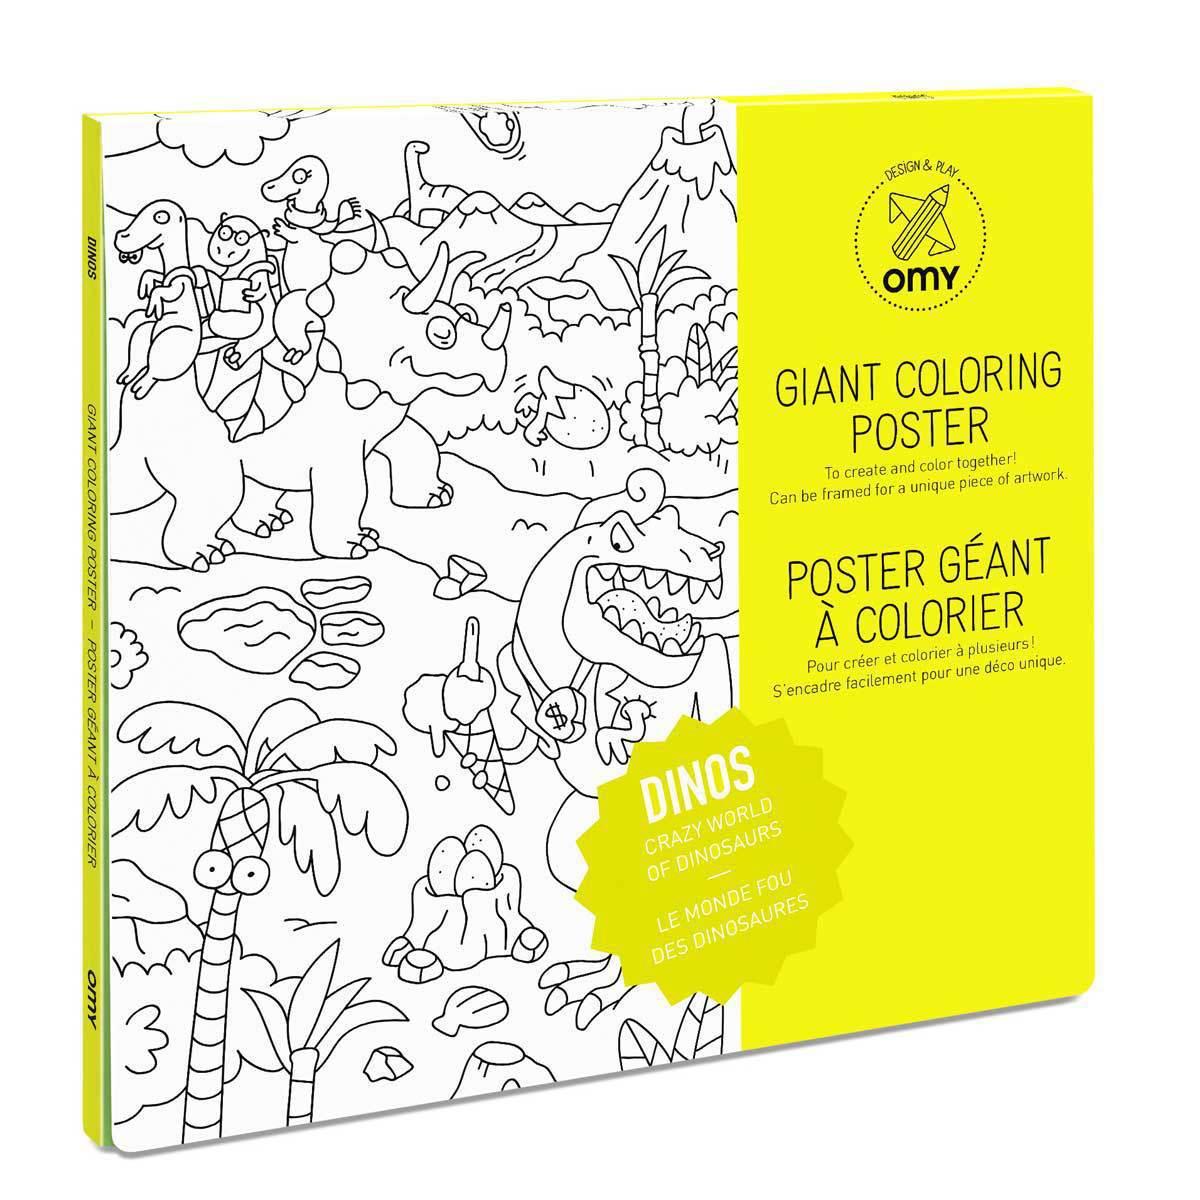 Livre & Carte Poster à colorier - Dinos Poster à colorier - Dinos